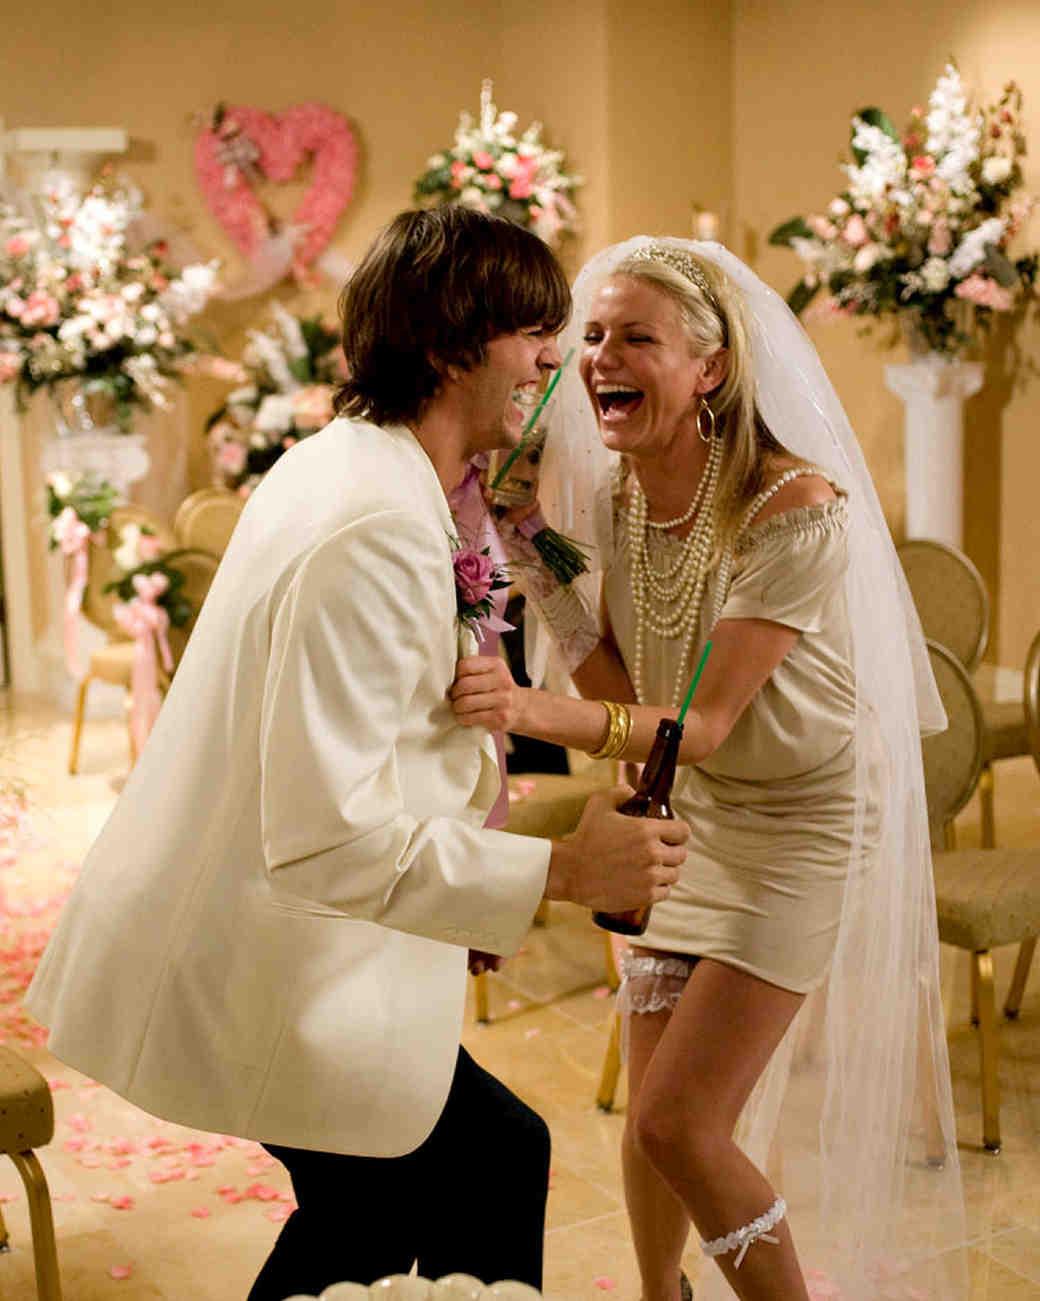 movie-wedding-dresses-what-happens-in-vegas-cameron-diaz-0316.jpg